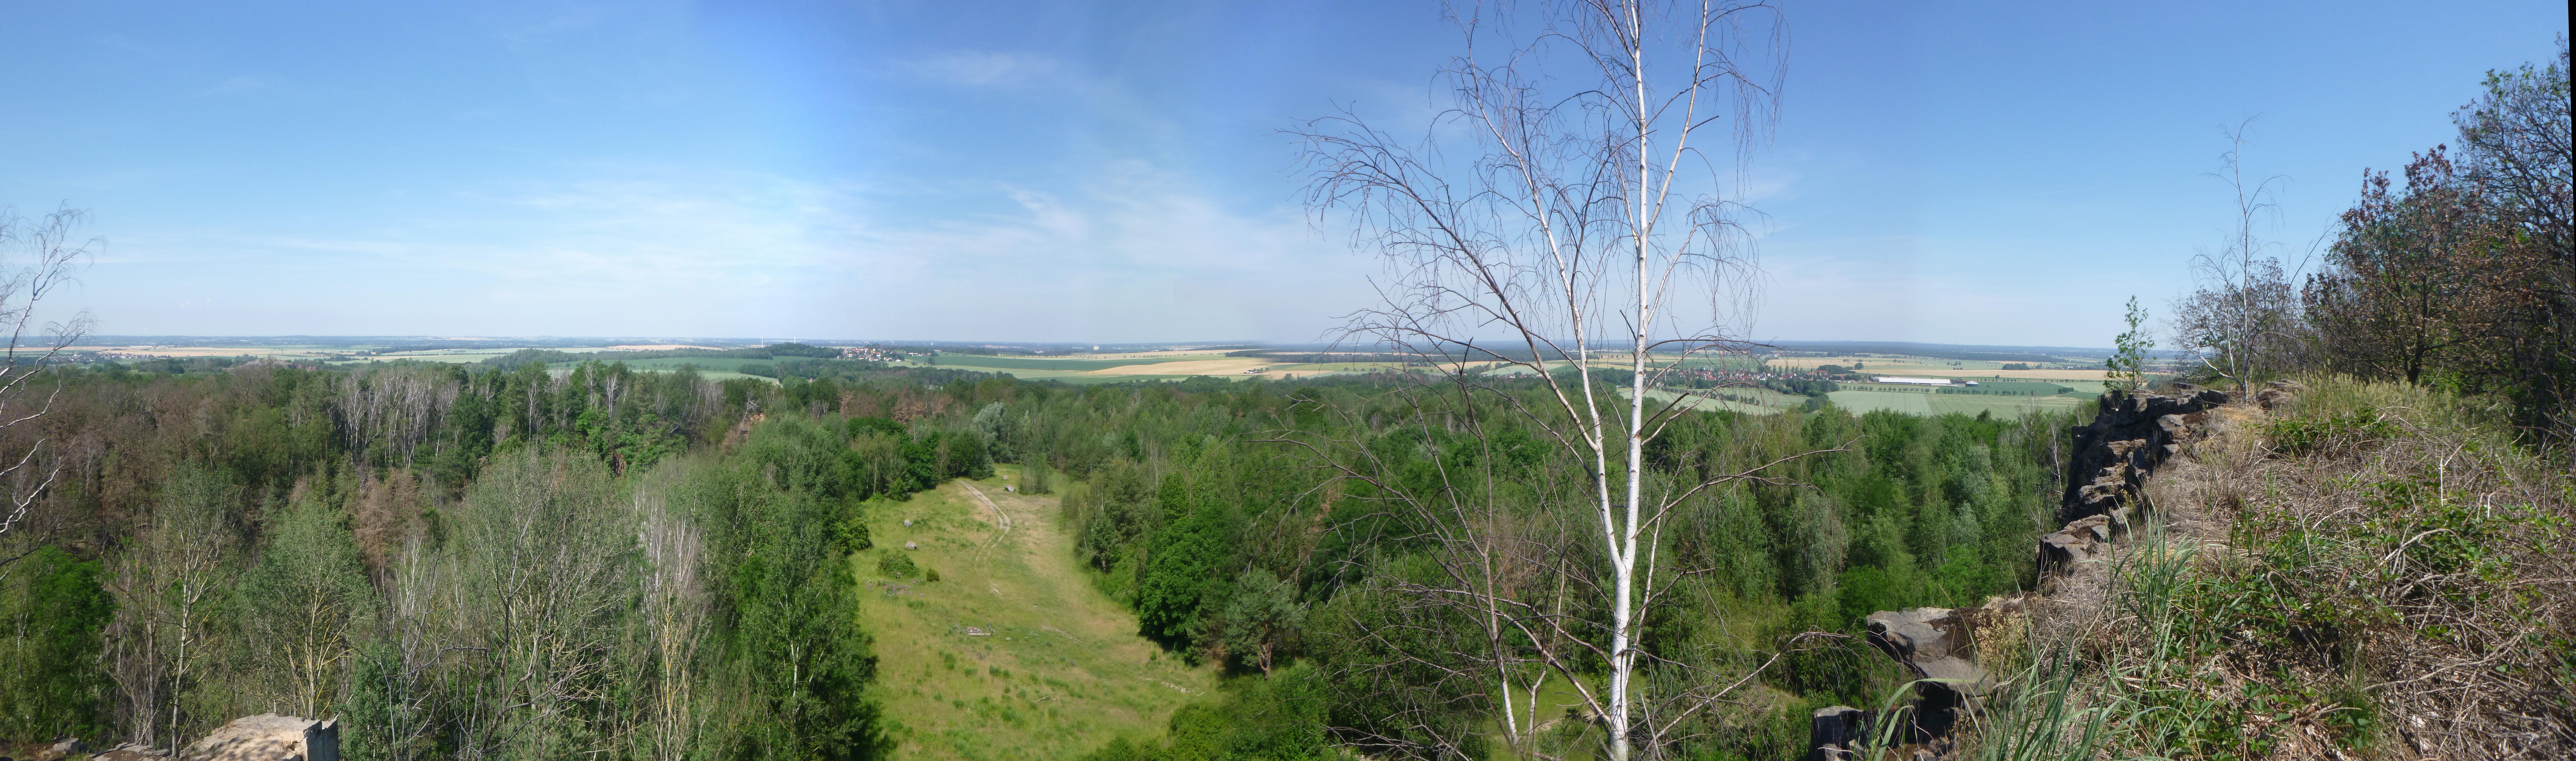 Der Blick vom Gipfel des Gaudlitzberges über das Hohburger Land, Foto: Anja Hartmann